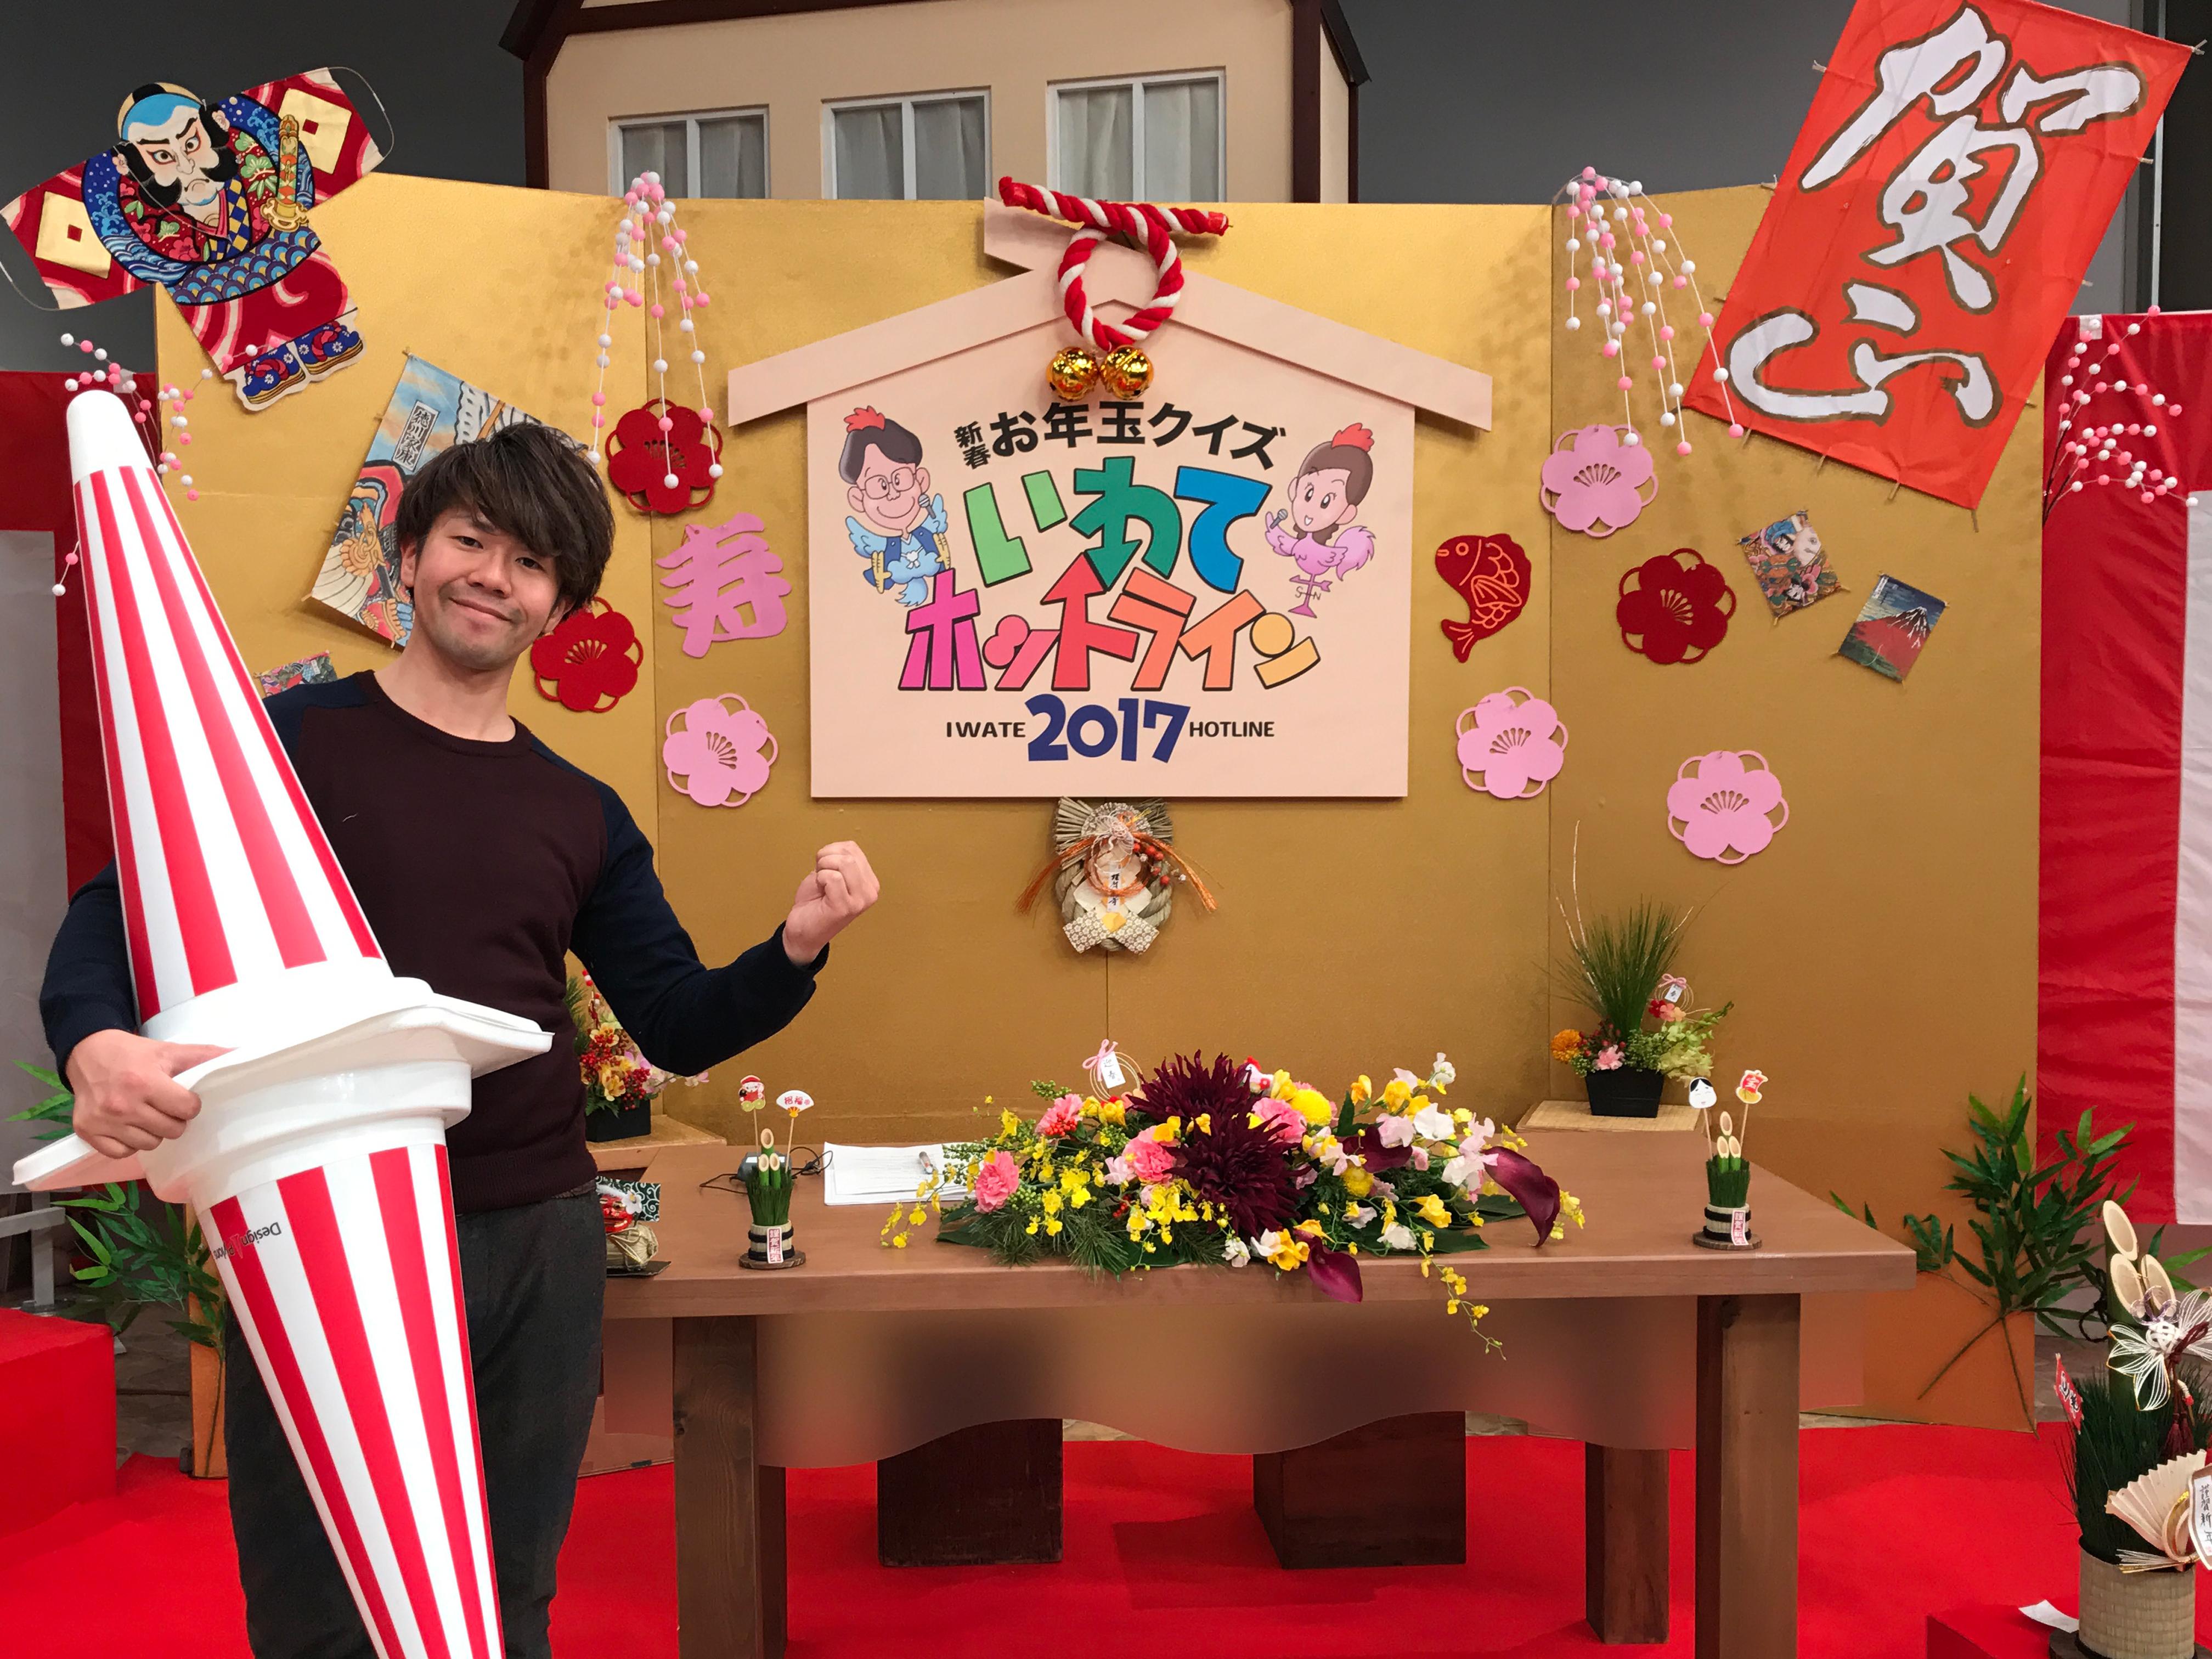 デビルスティック超人×新春お年玉クイズ 岩手ホットライン2017